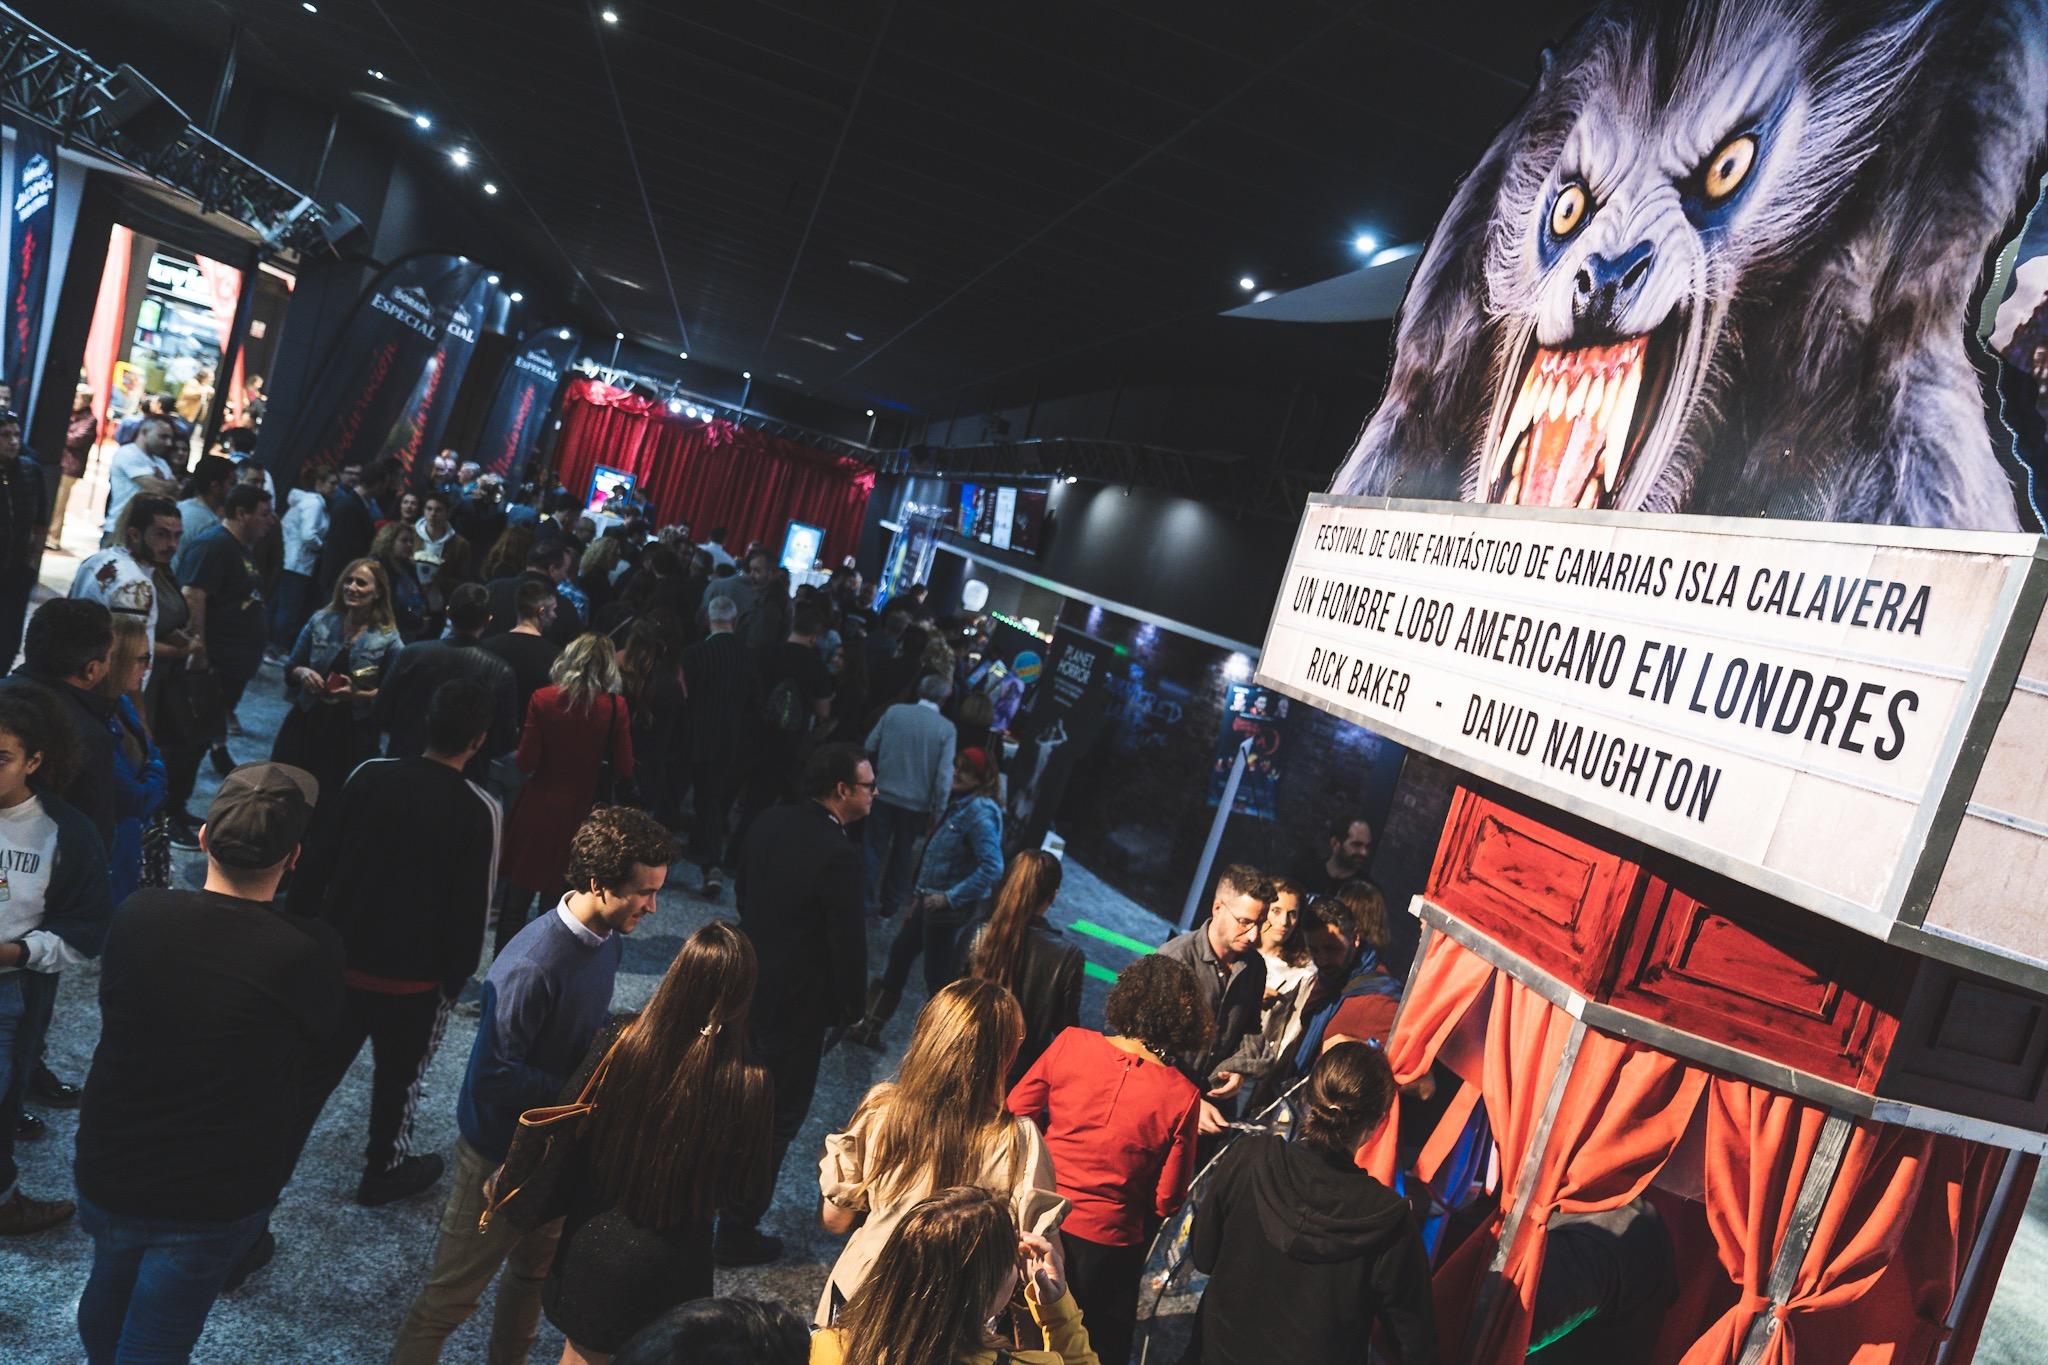 Festival de Cine Fantástico de Canarias ISLA CALAVERA